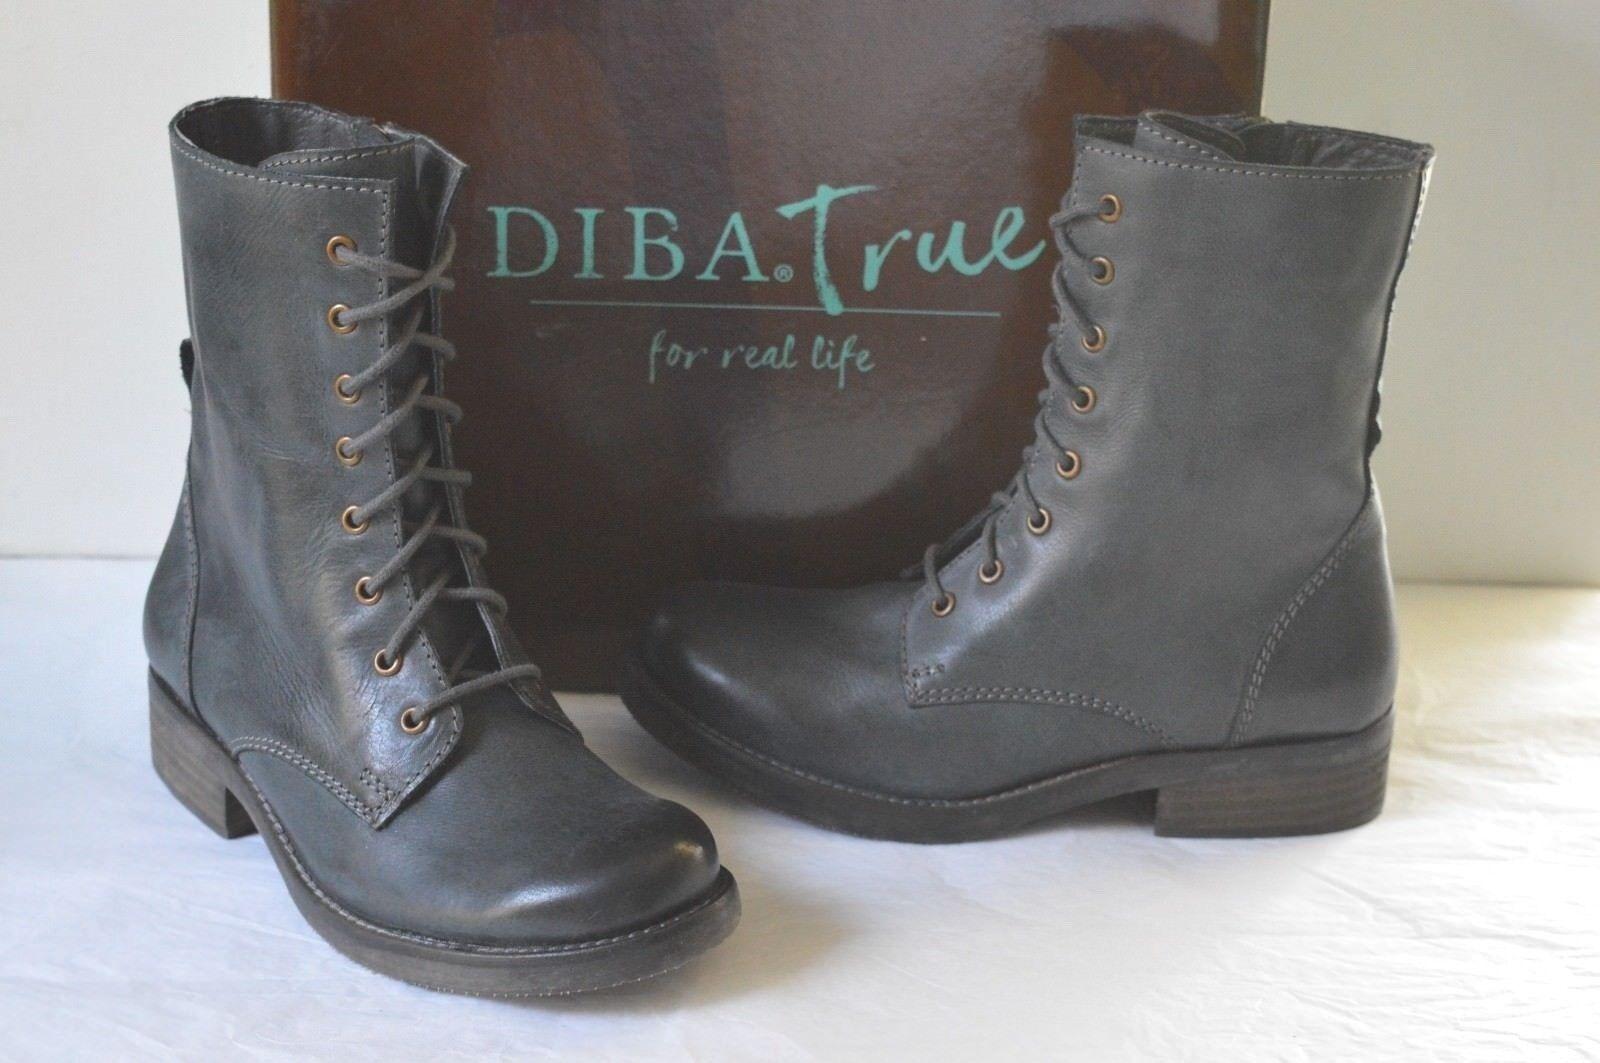 Nuevo  Diba True saltar de nuevo gris Cuero Combate botas Vintage envejecido Laceup